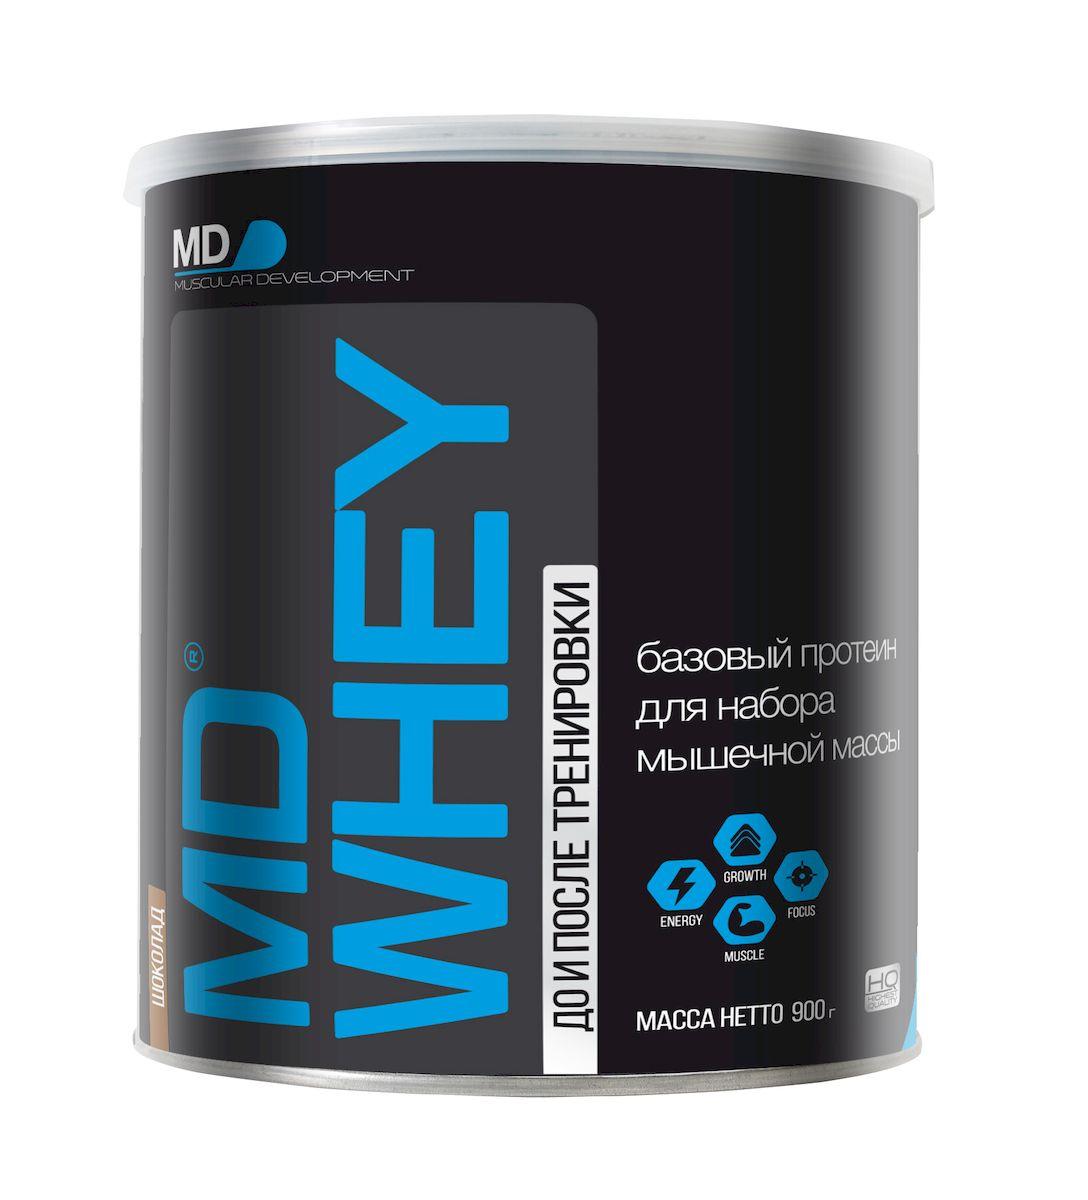 MD Протеин Вей, 900 г, шоколадный4607062757475Базовый протеин для интенсивного набора сухой мышечной массы MD WHEY – базовый протеин для интенсивного набора сухой мышечной массы. MD WHEY включает: - 55% белка молочной сыворотки - белка №1и для построения мускулатуры; - практически полное отсутствие вредного жира и сахарозы; - легкое смешивание без миксера; - комплекс десяти витаминов; - прекрасный вкус и аромат. Состав: Белок 16,5 г на 10 столовых ложек (120г) с 400 мл воды, 22,5 г на 10 столовых ложек (120 г) с 400 мл 3% молока, углеводы 11,3 г на 10 столовых ложек (120г) с 400 мл воды, 20,3 г на 10 столовых ложек (120 г) с 400 мл 3% молока, Жир менее 1 г на 10 столовых ложек (120г) с 400 мл воды, 3,5 г 10 столовых ложек (120 г) с 400 мл 3% молока, калории 118 ккал на 10 столовых ложек (120г) с 400 мл воды, 235 ккал 10 столовых ложек (120 г) с 400 мл 3% молока, кальций 825 г на 10 столовых ложек (120г) с 400 мл воды, 1005 г на 10 столовых ложек (120 г) с 400 мл 3% молока, магний 113 г на 10 столовых ложек (120г) с 400 мл...